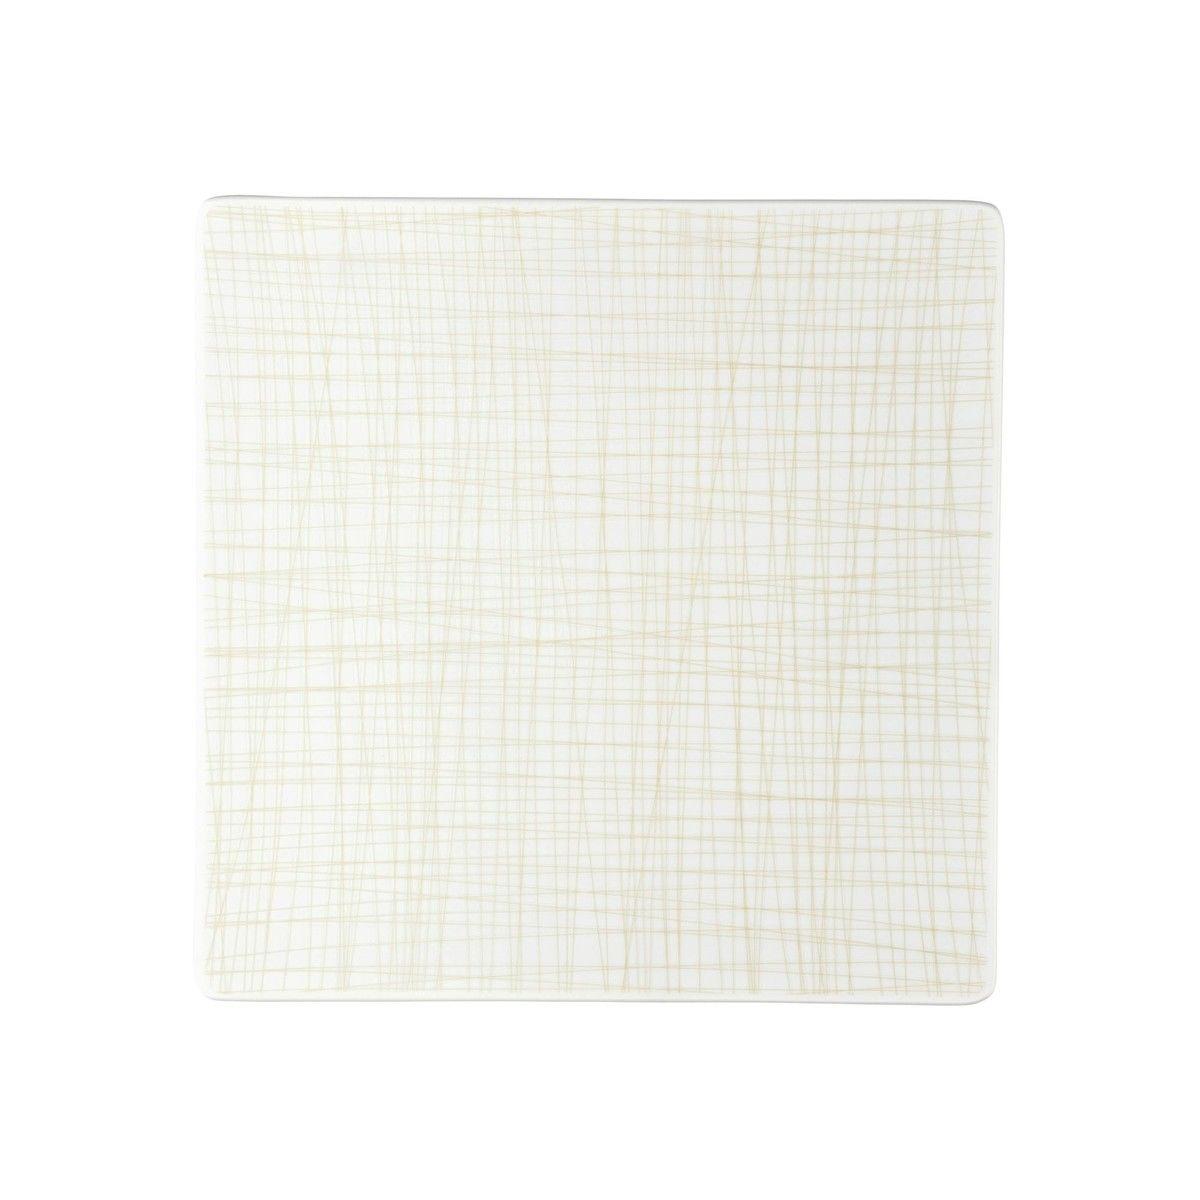 rosenthal mesh line plate 31x31cm rosenthal. Black Bedroom Furniture Sets. Home Design Ideas